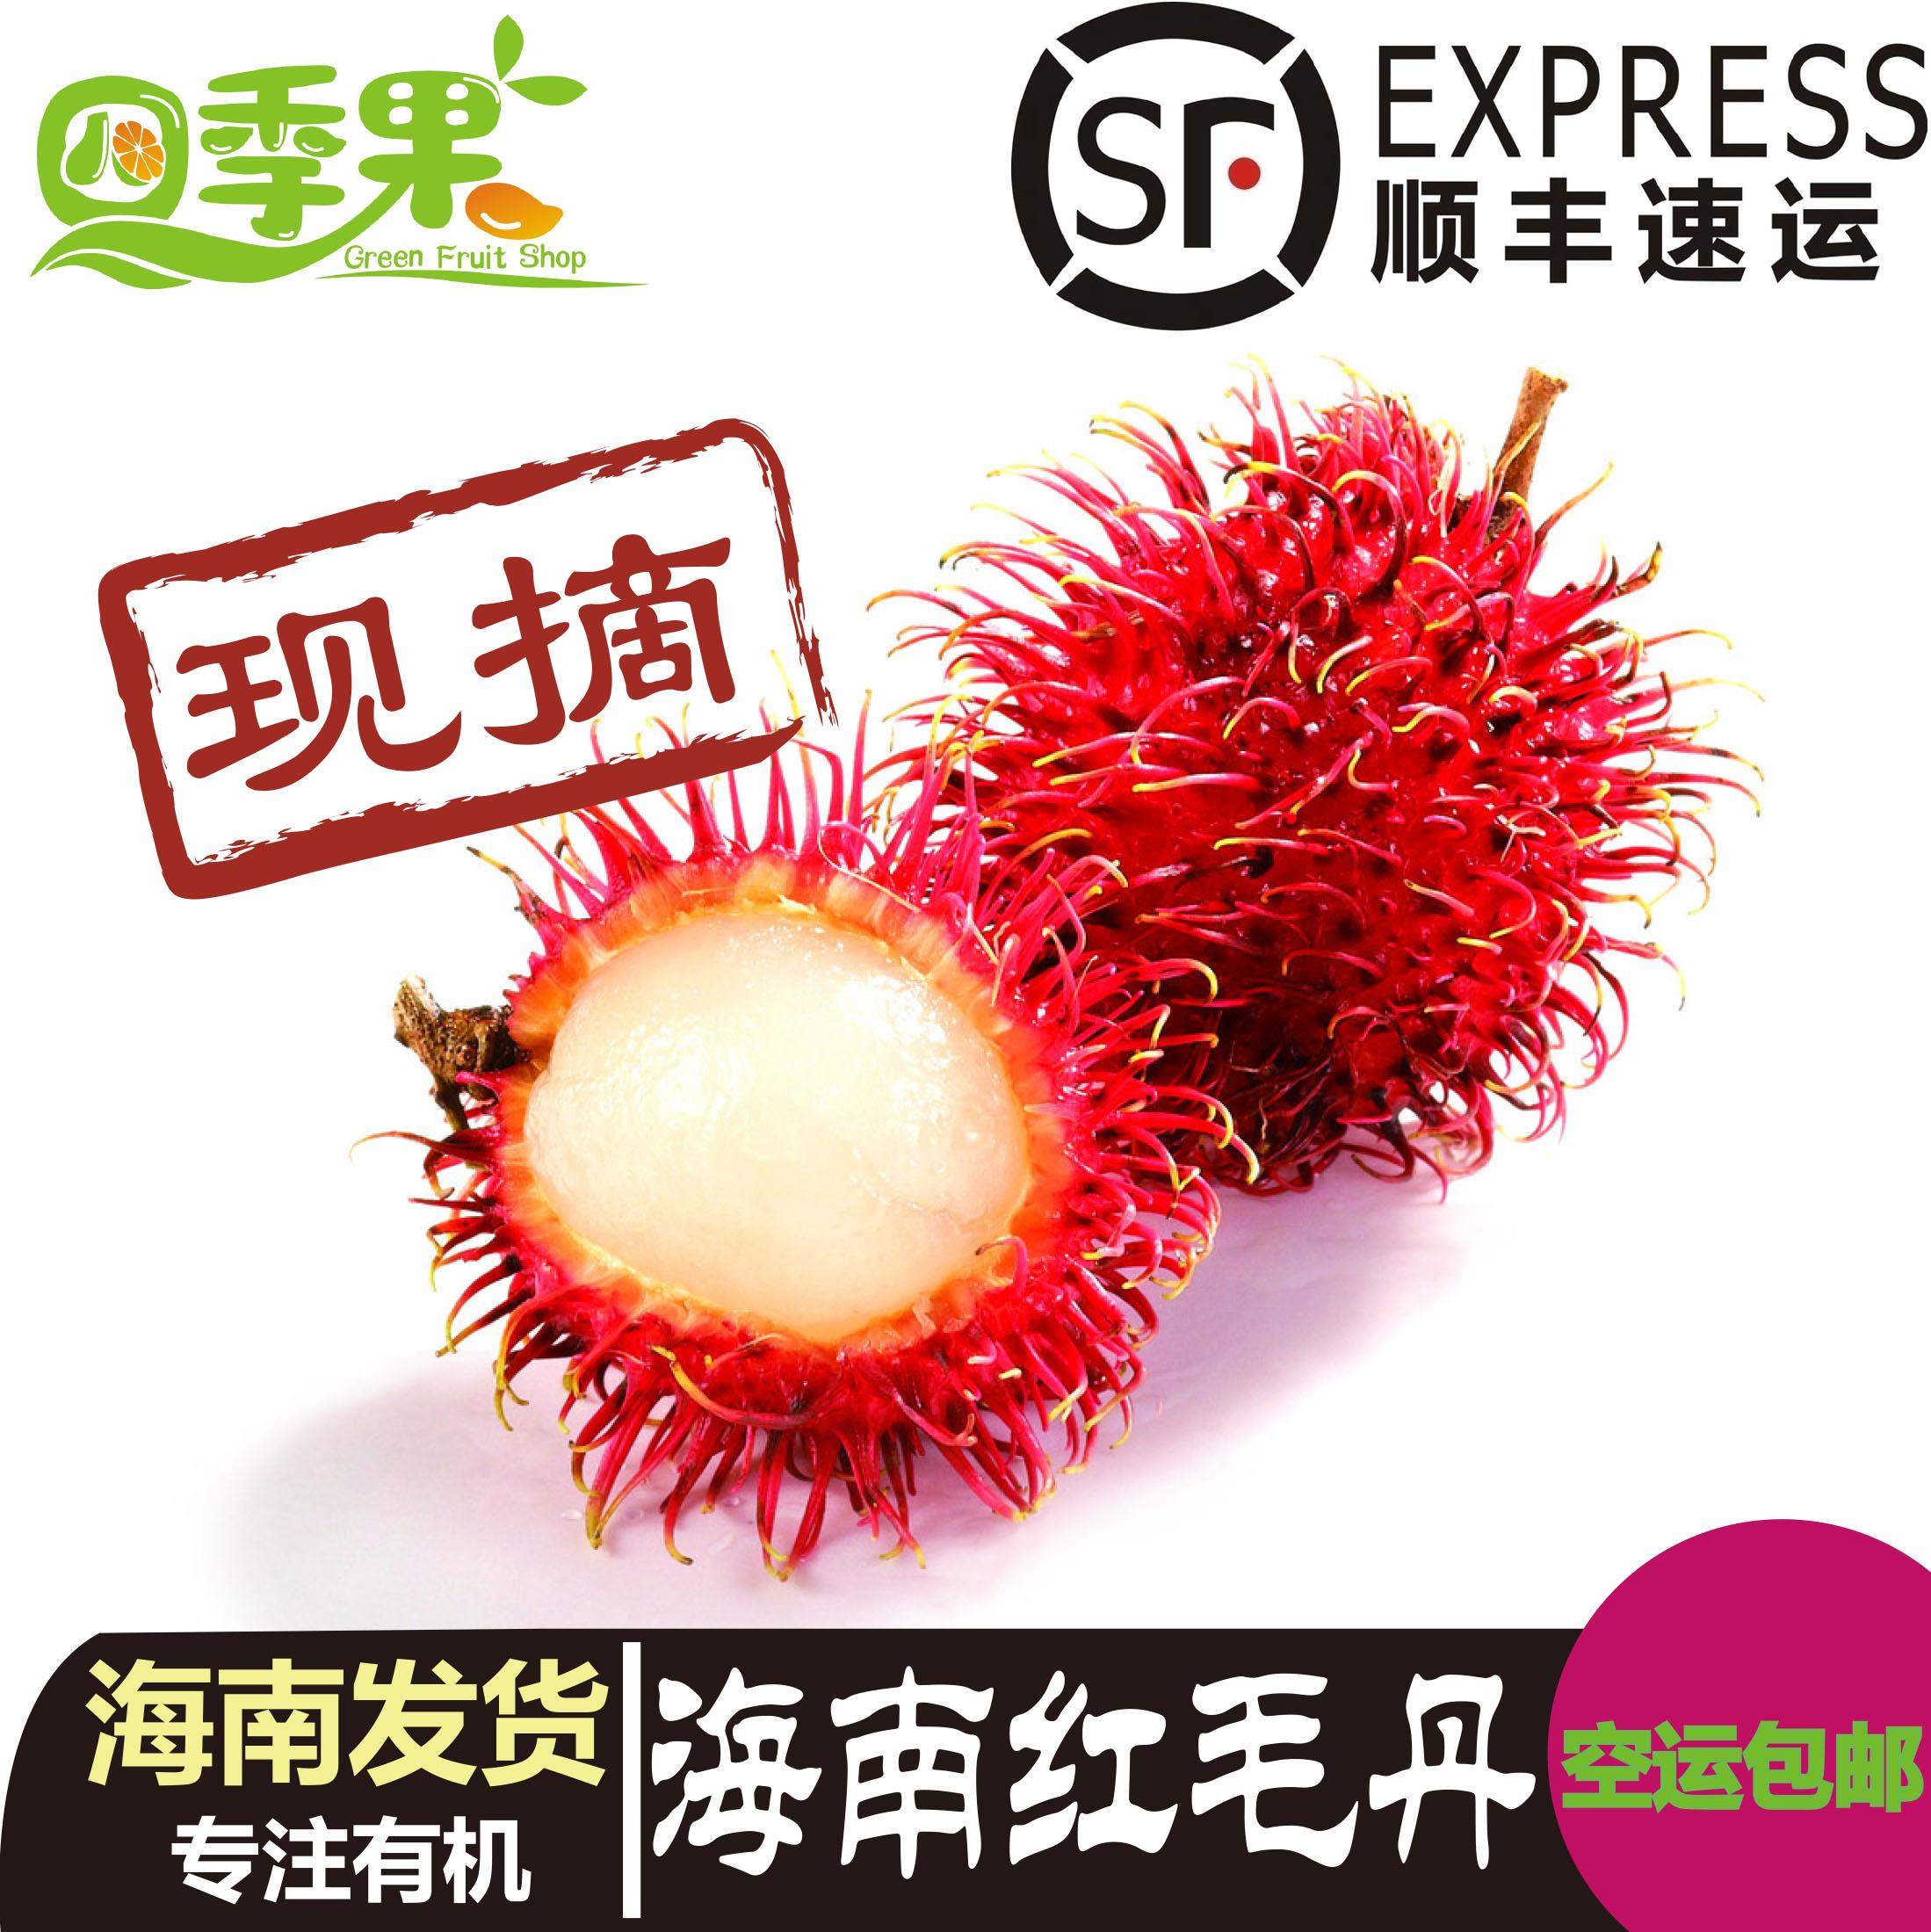 【顺丰全国包邮】海南新鲜水果镶钻红毛丹 毛荔枝 孕妇水果 3斤装